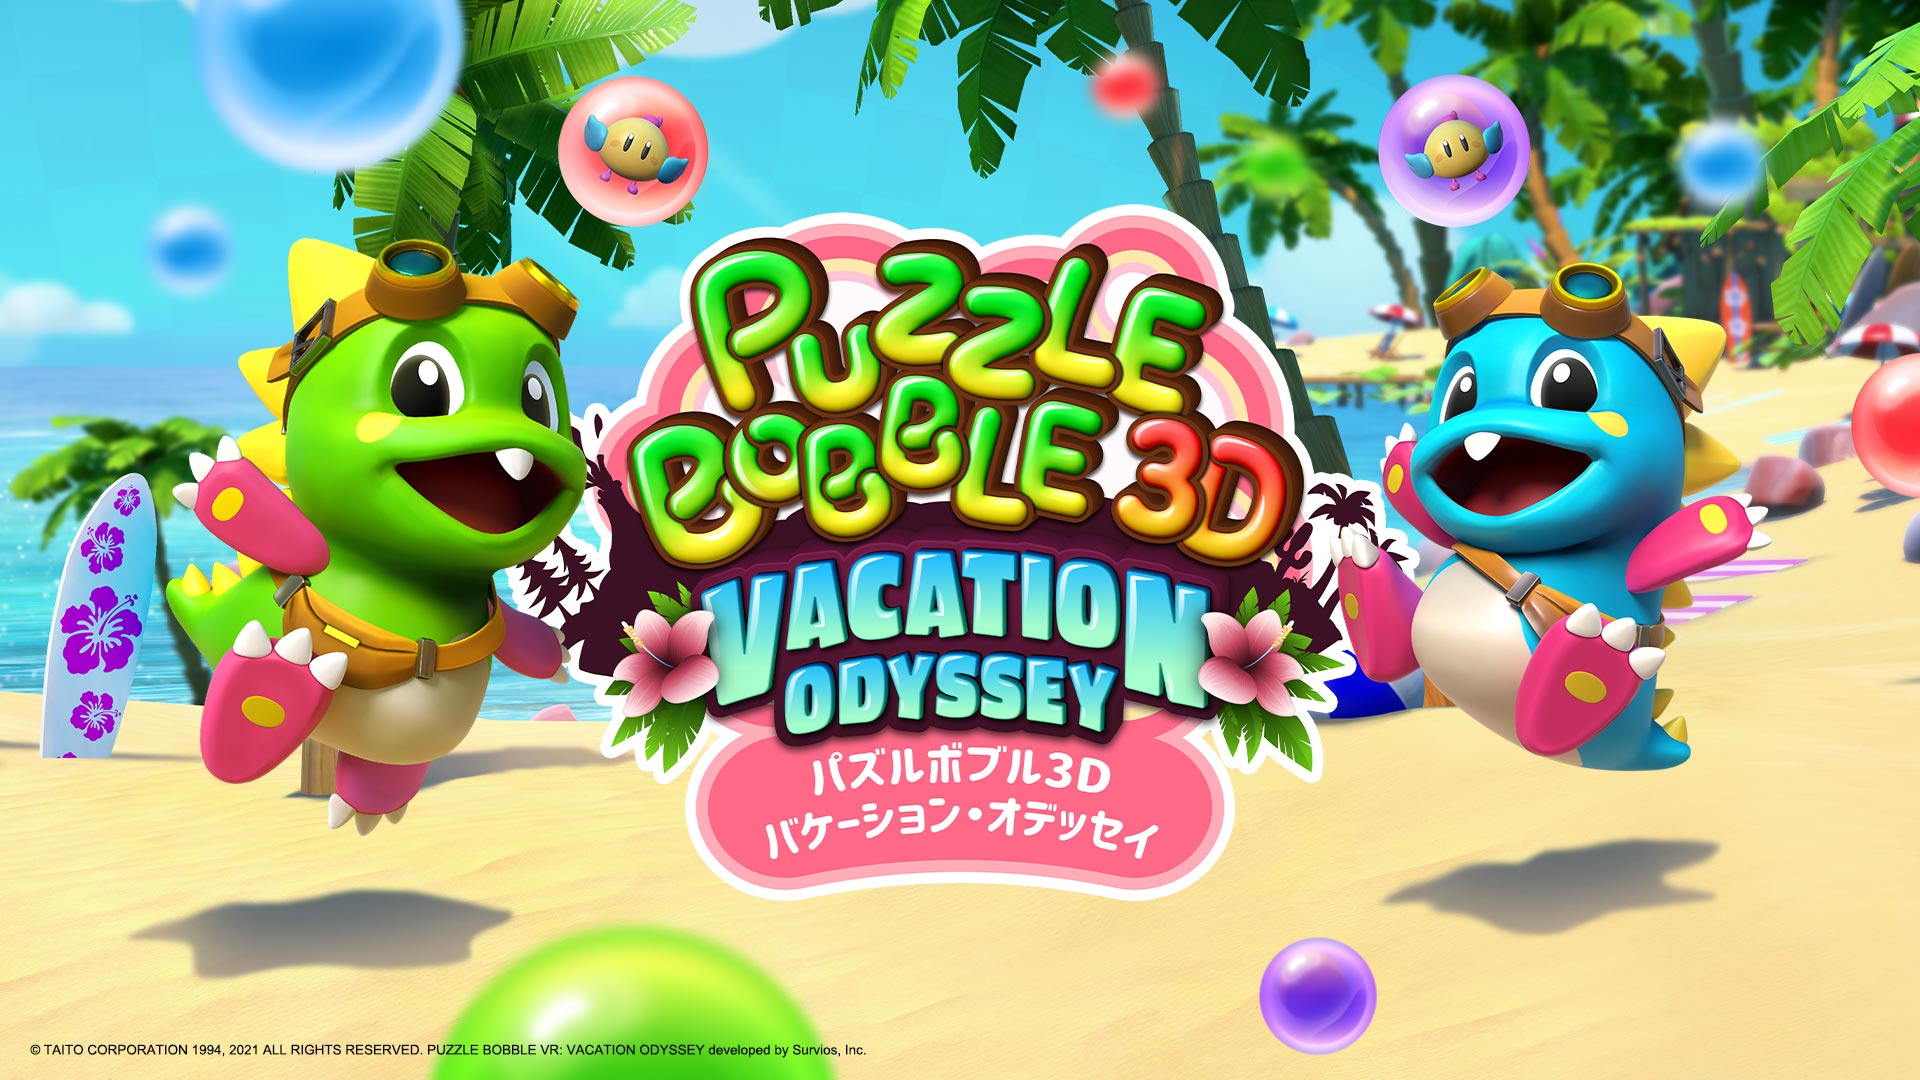 『パズルボブル3D バケーション・オデッセイ』 PlayStationVR / PS4 / PS5にて2021年後半に発売決定!